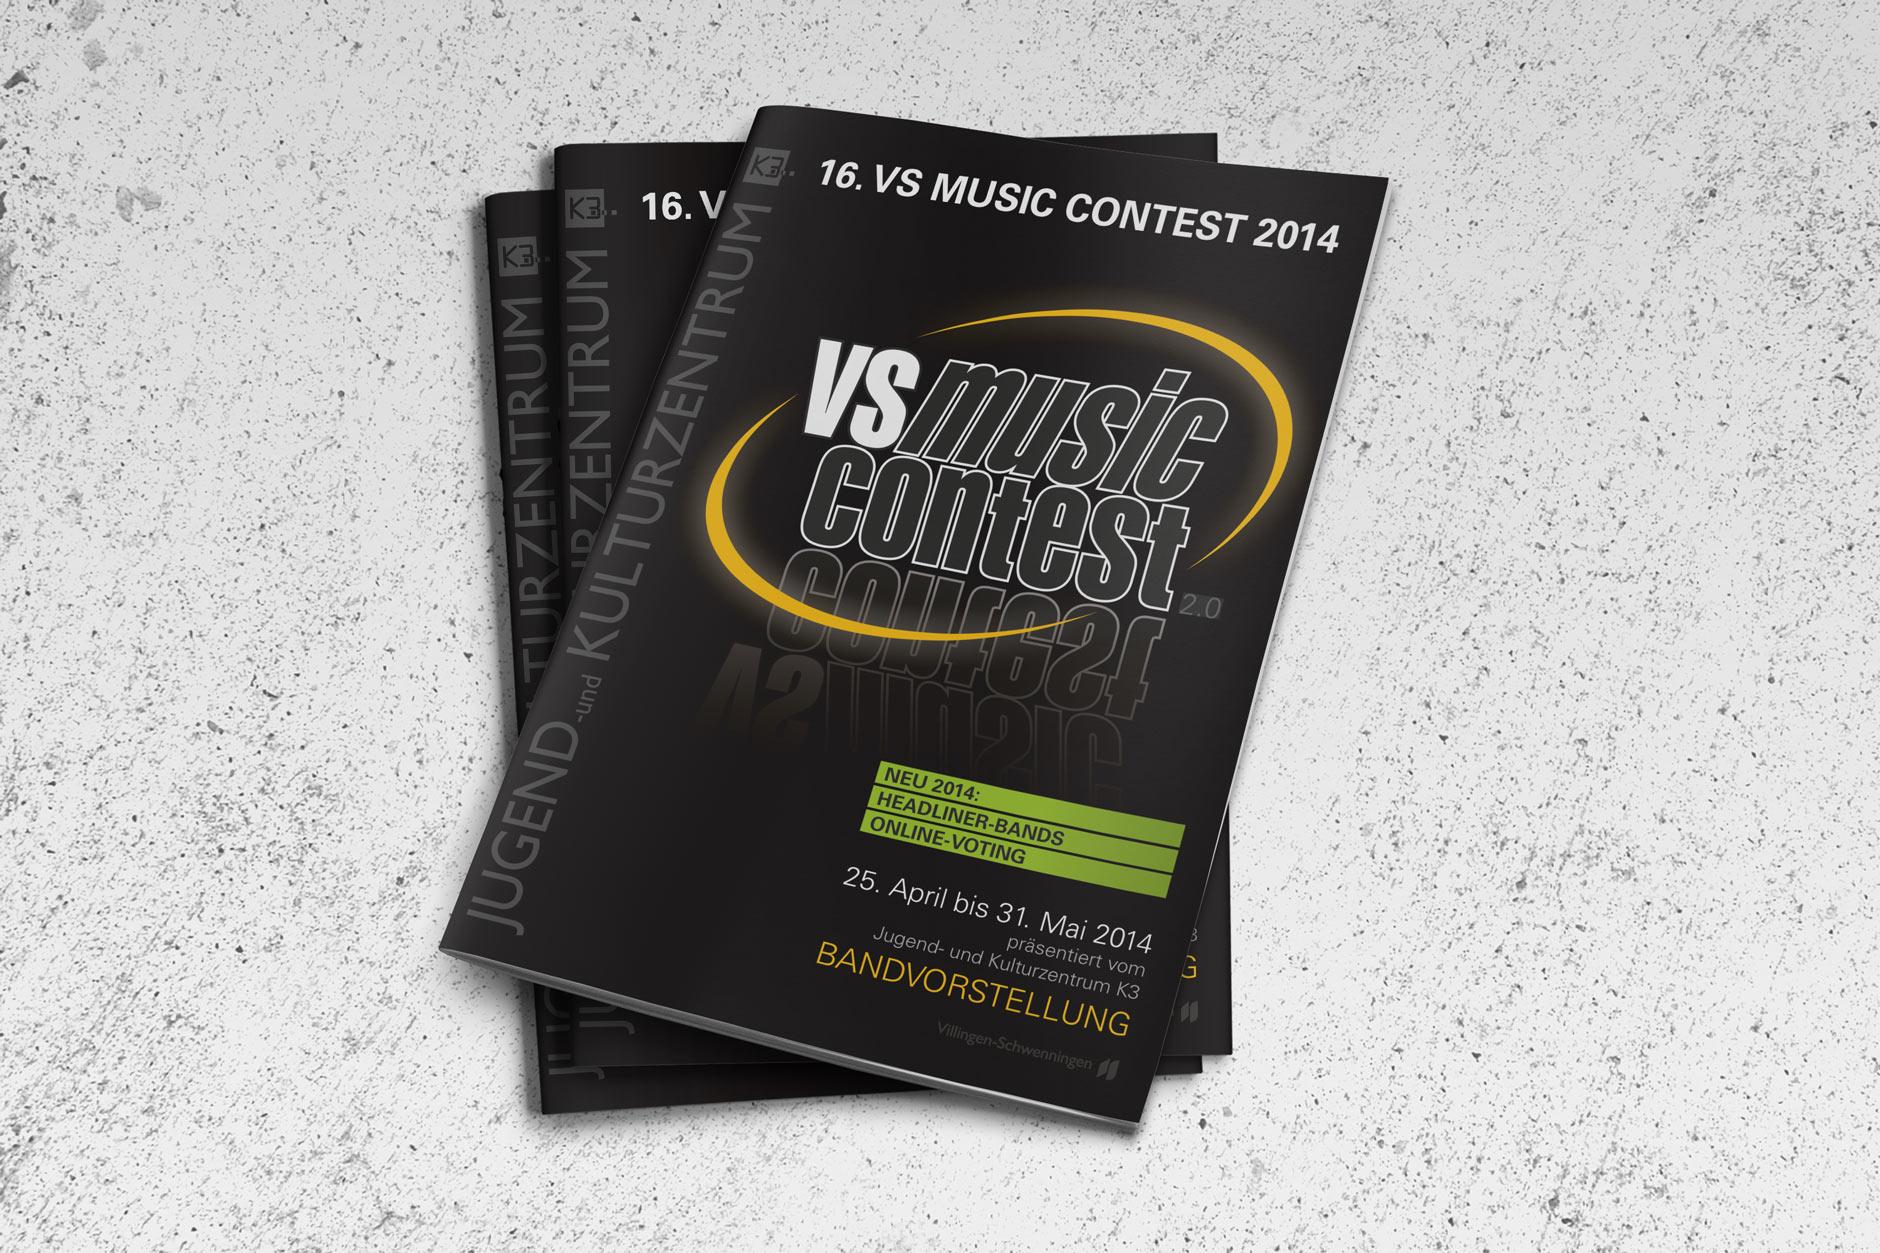 Gestaltung Infomaterialr für den VS MUSIC CONTEST